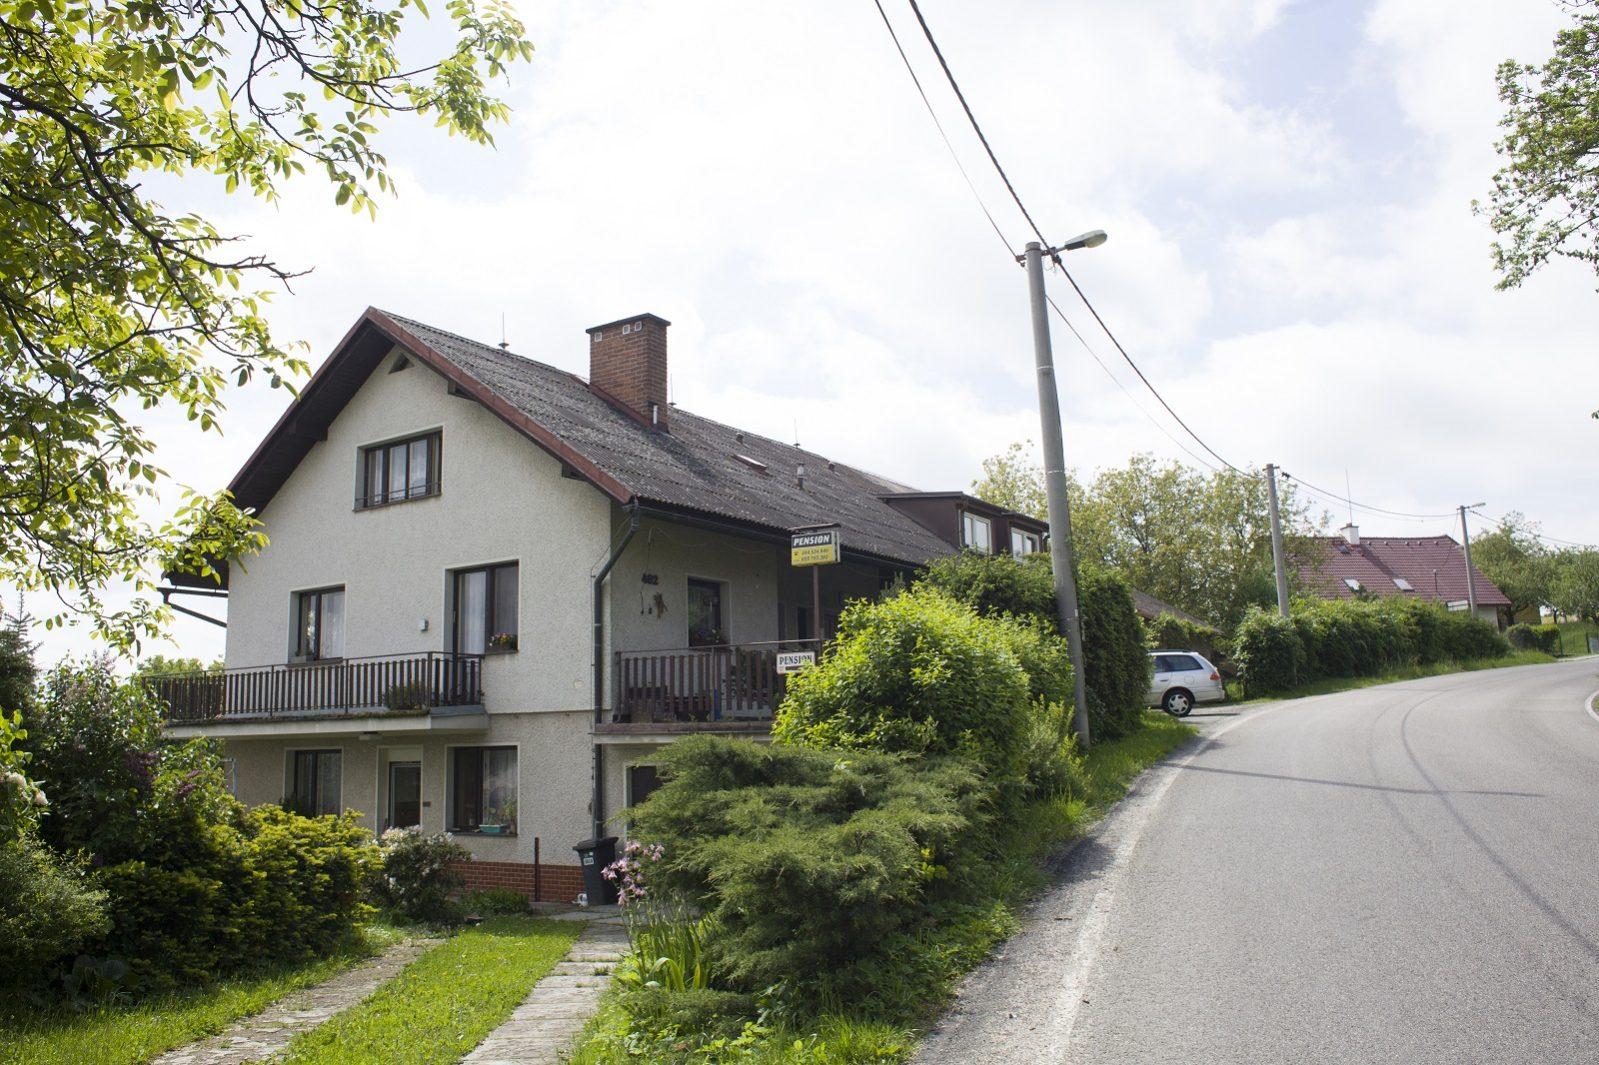 Penzion Červinková - levné ubytování v Rychnově nad Kněžnou - ceník